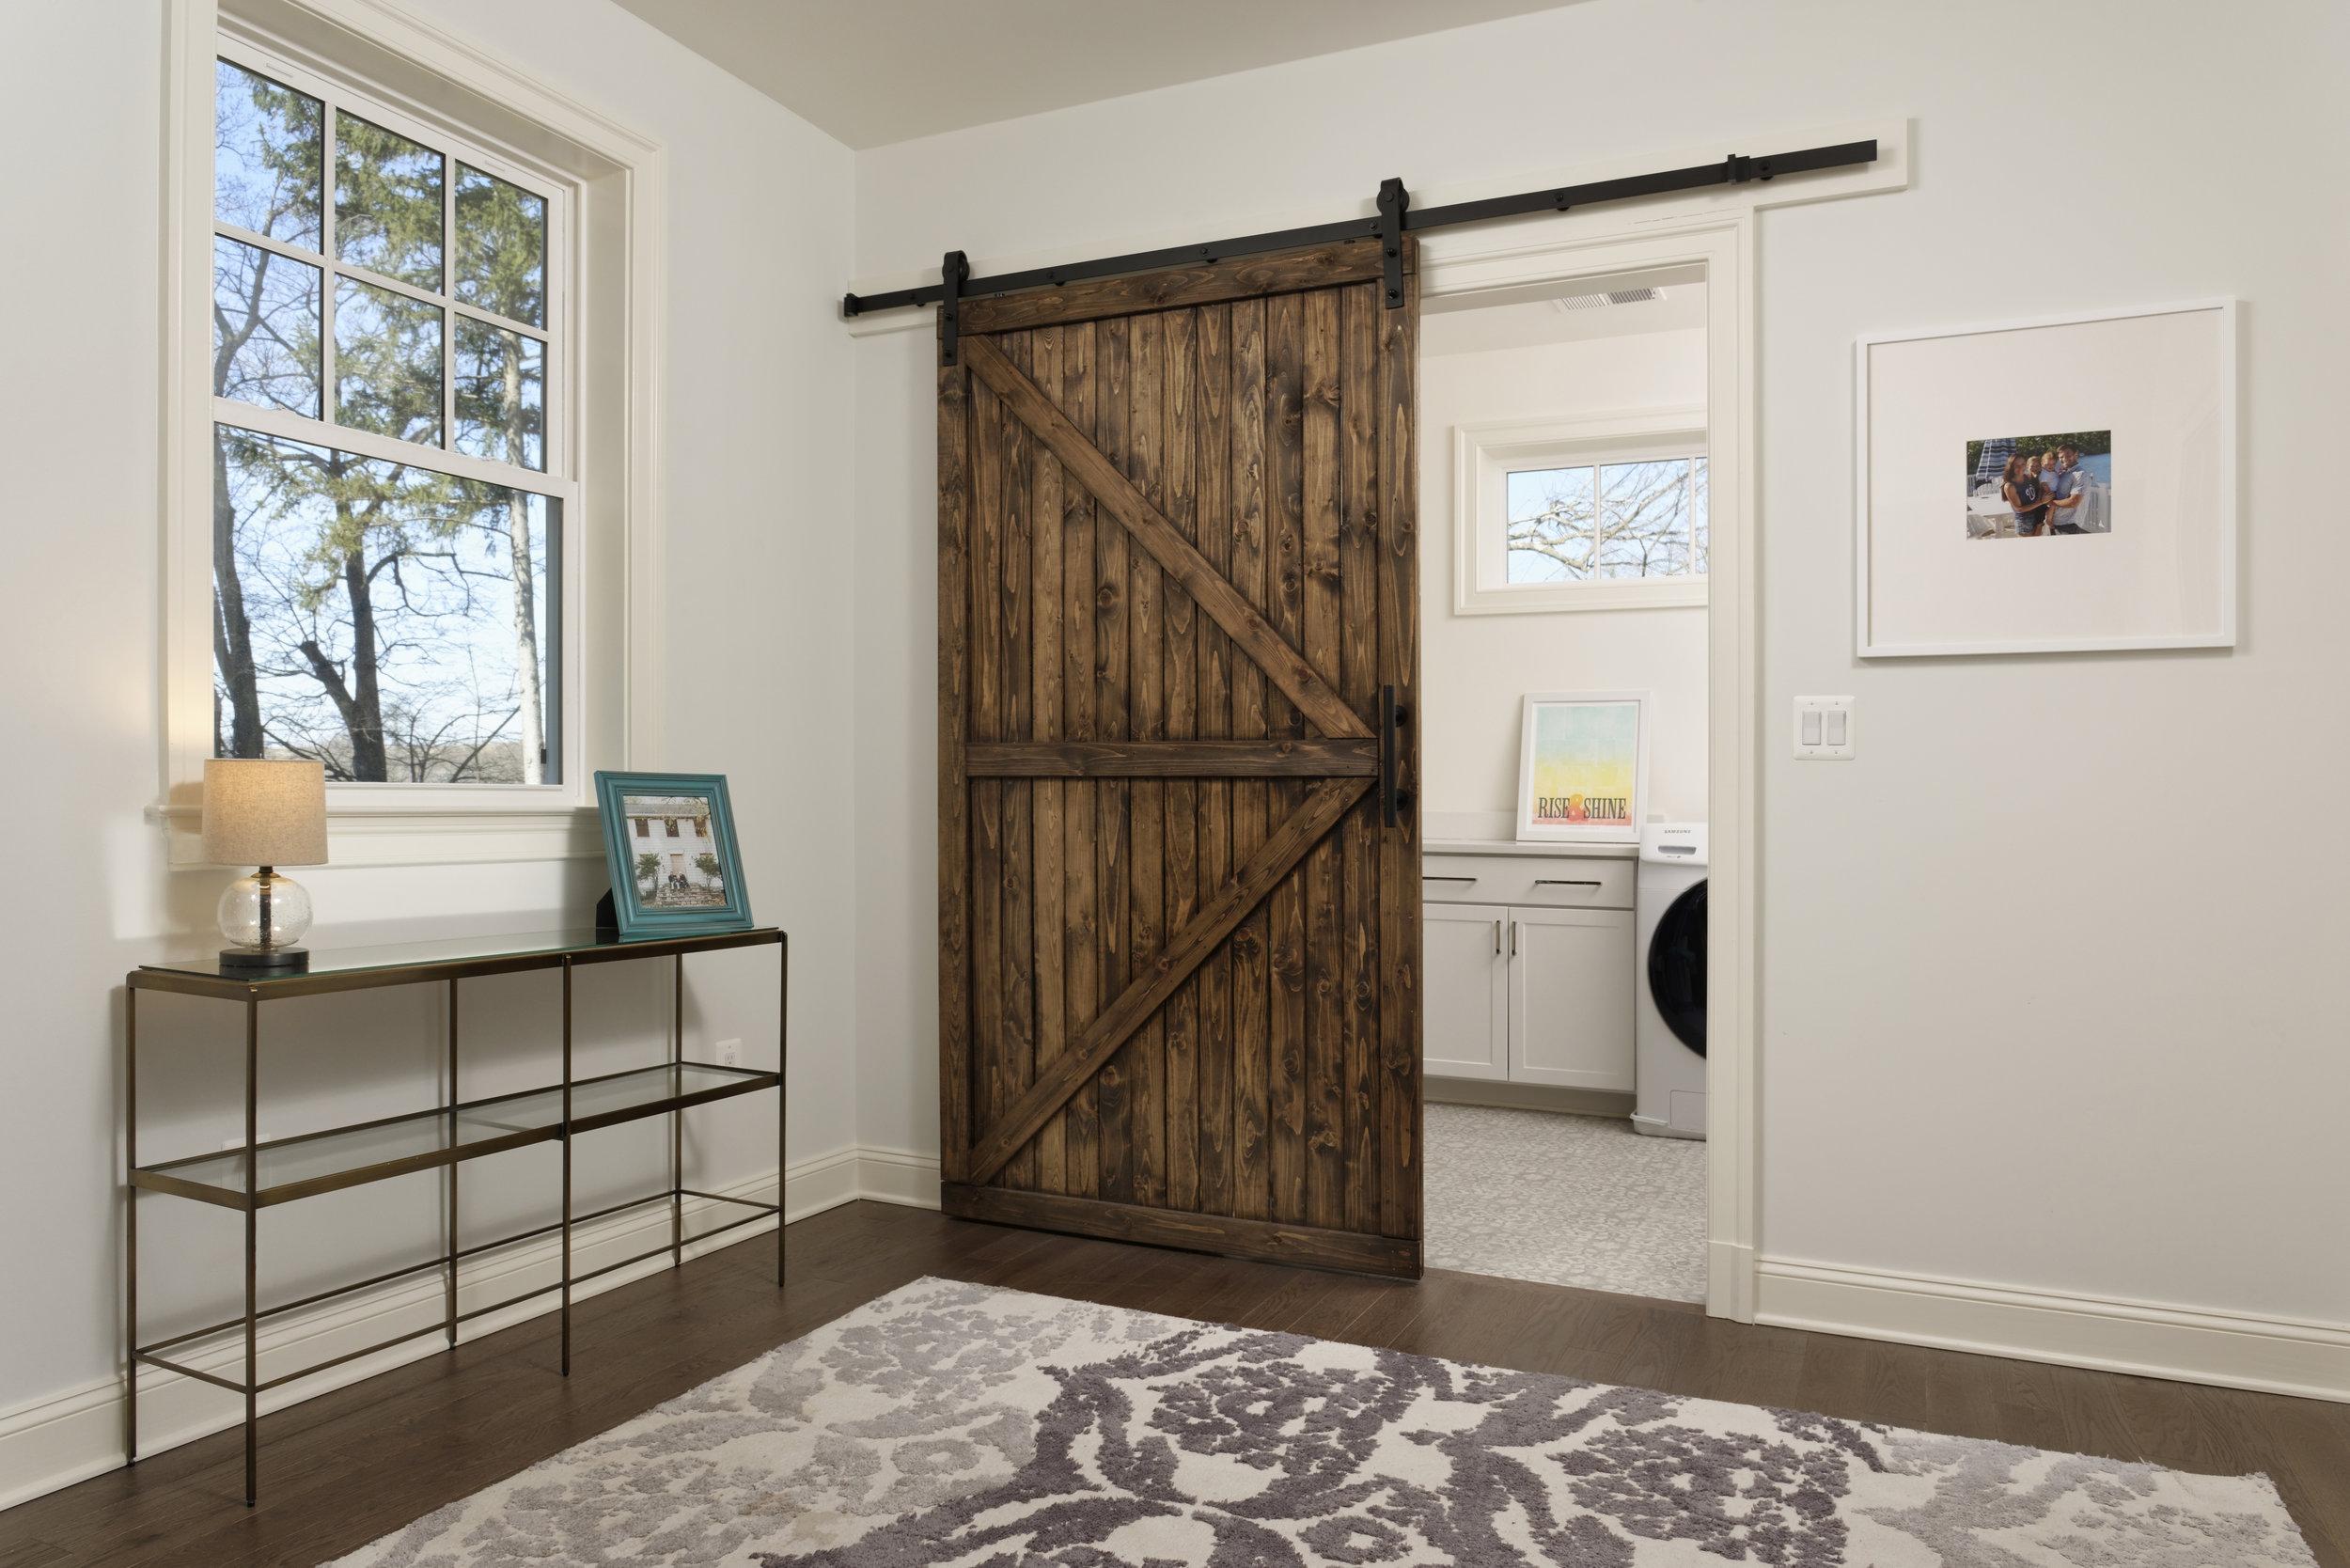 Meltzer High Res-Laundry-Barn Door Open-D19045-4993.jpg